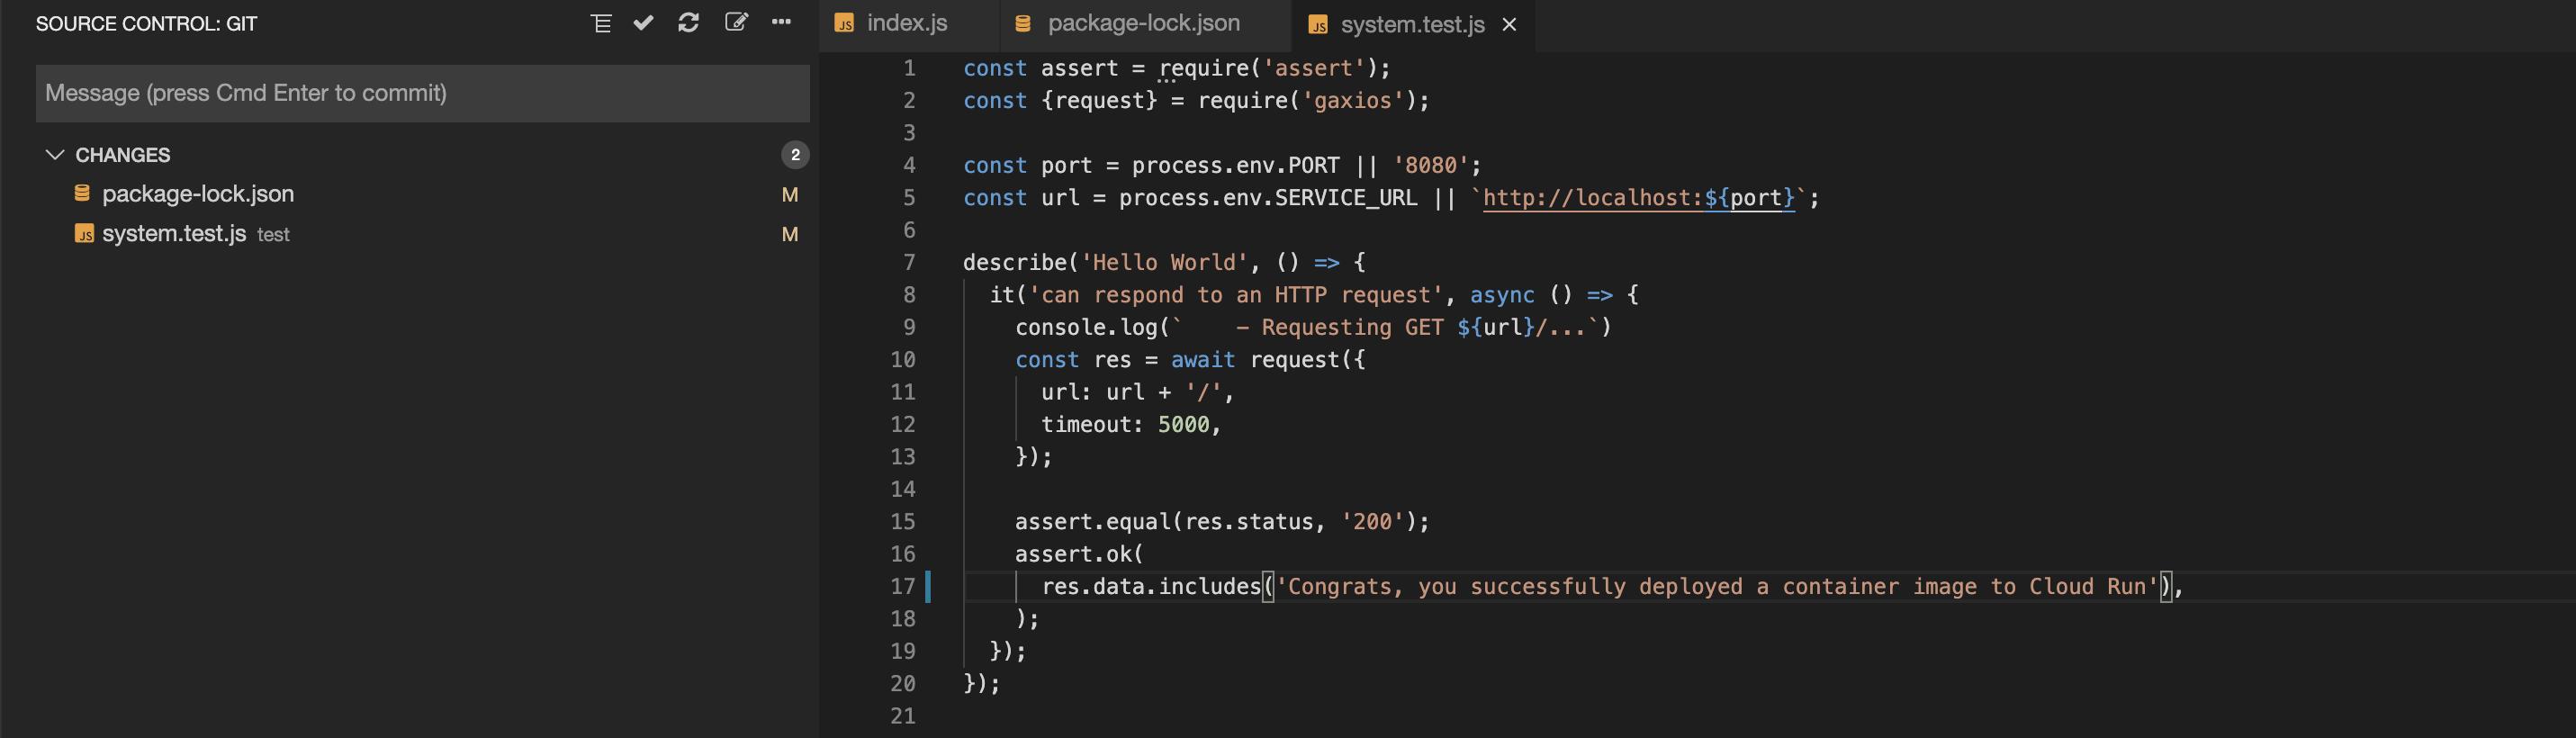 소스 제어: Git 뷰의 변경 섹션 아래에 표시된 변경 파일